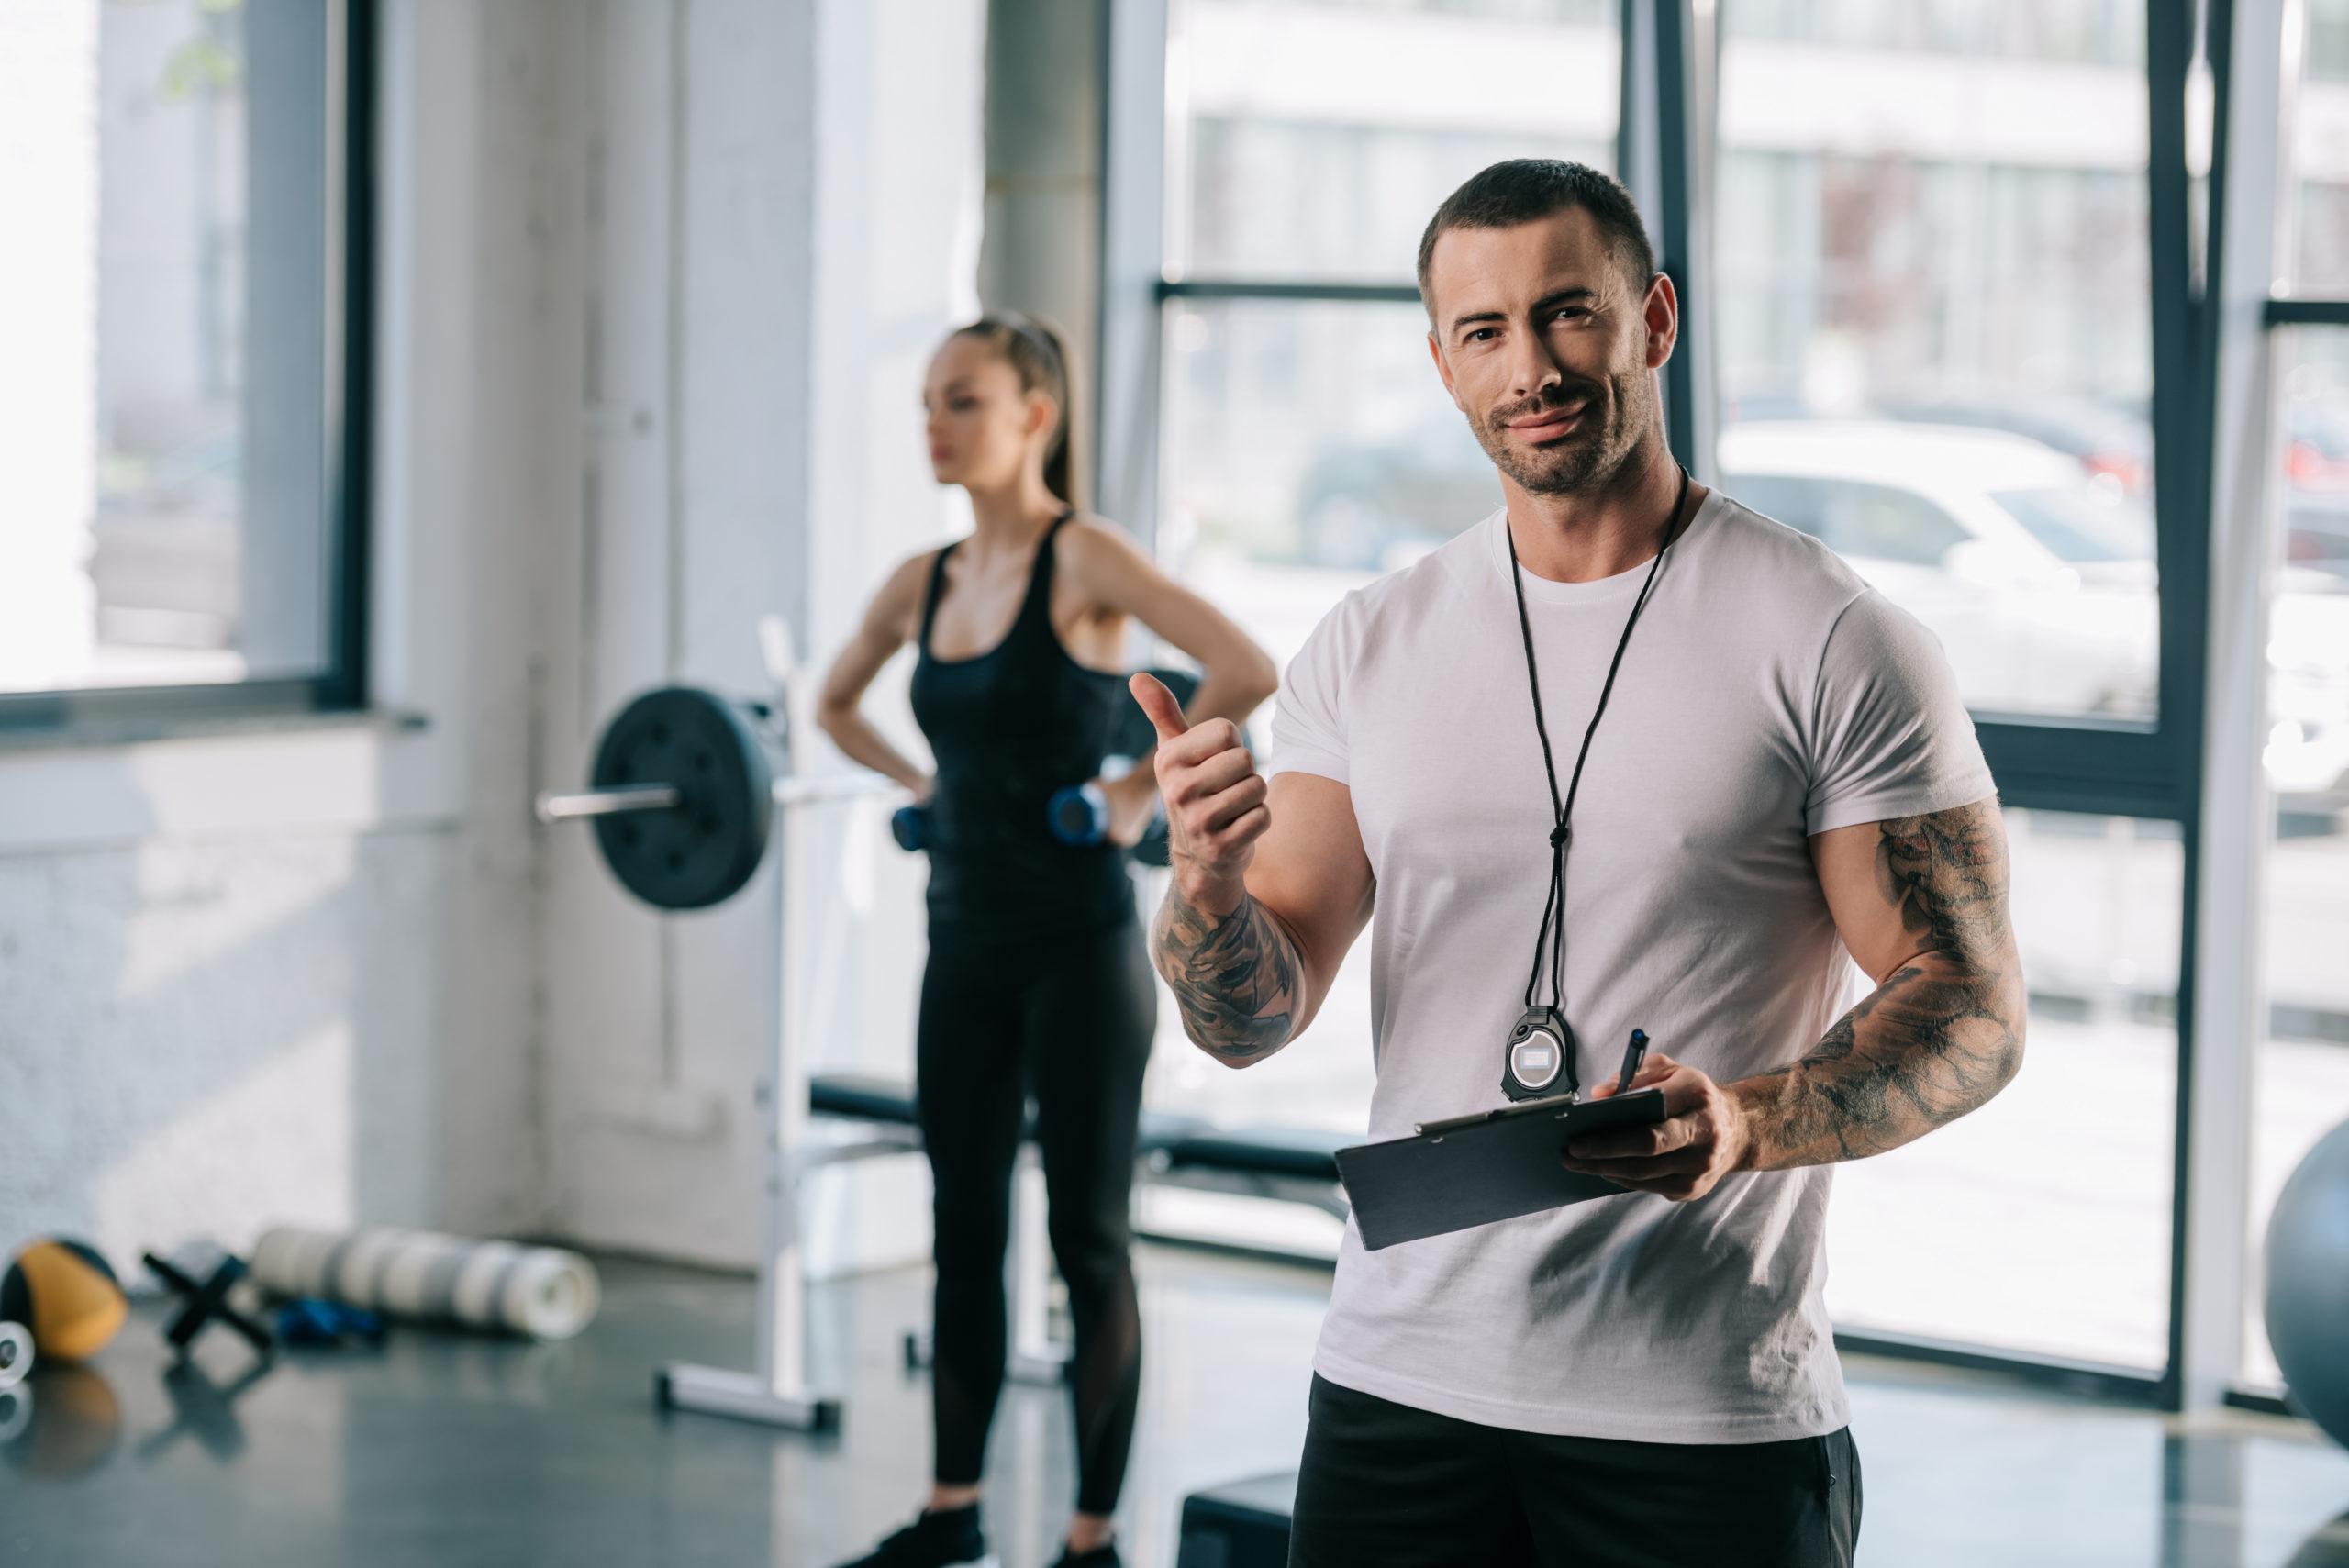 trener personalny i ćwicząca kobieta; jak wybrać kurs na trenera personalnego